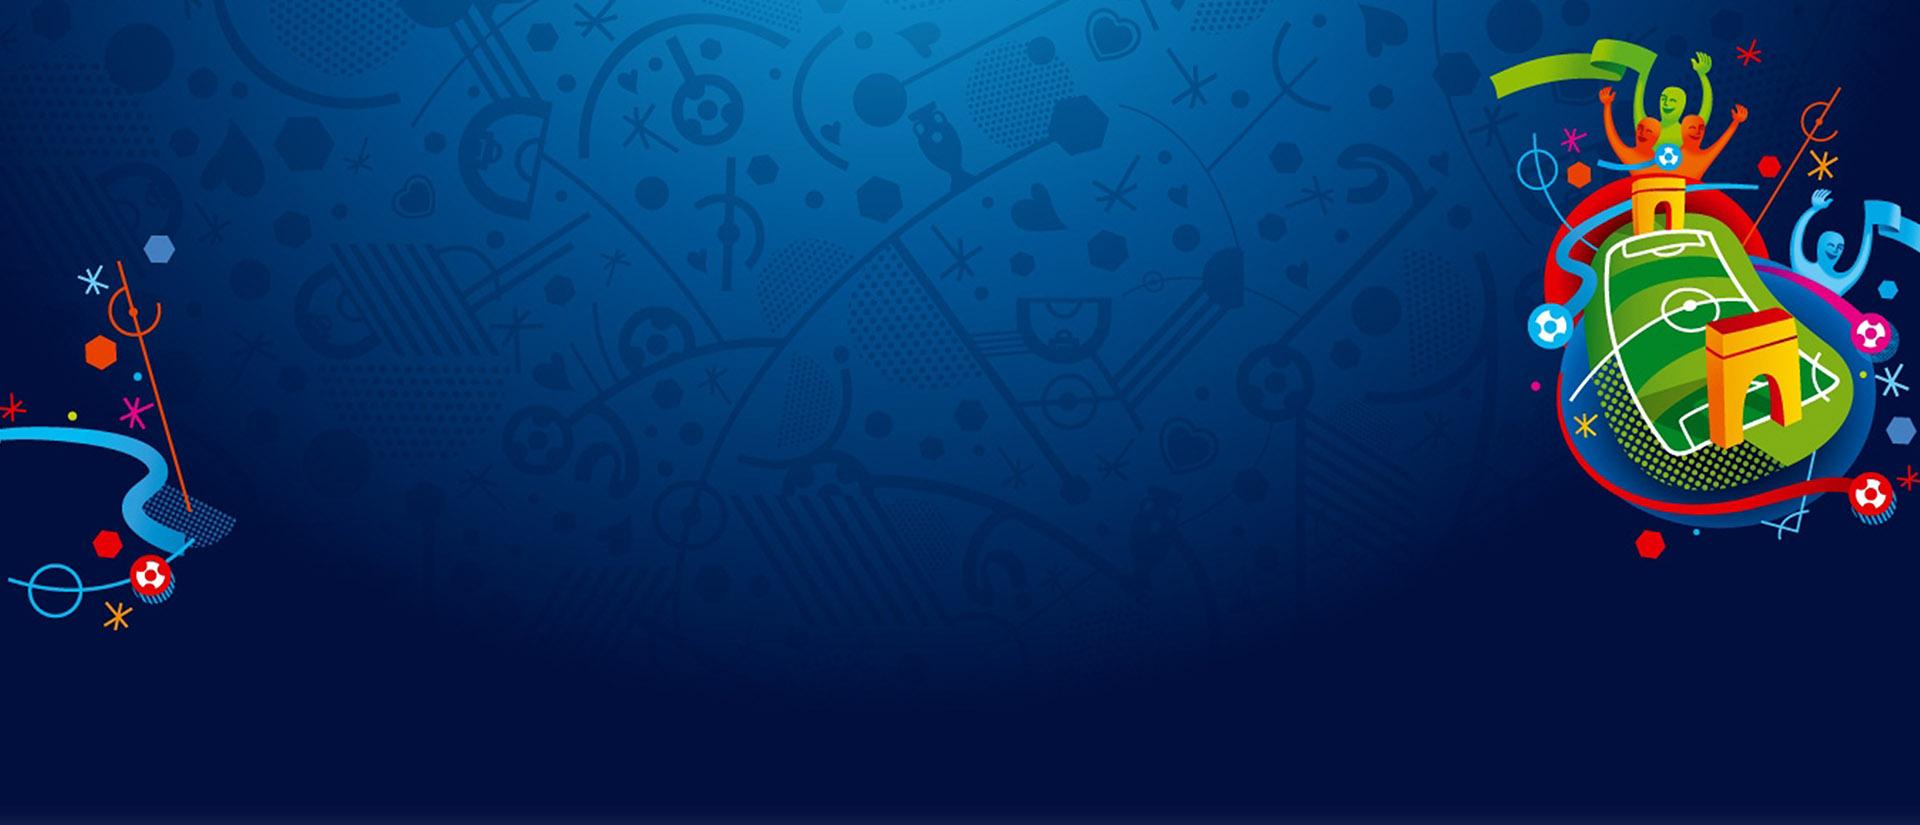 Patrón Diseño Fondos De Pantalla Textura Antecedentes: Fondos De Pantalla Diseño Arte Graphic Antecedentes